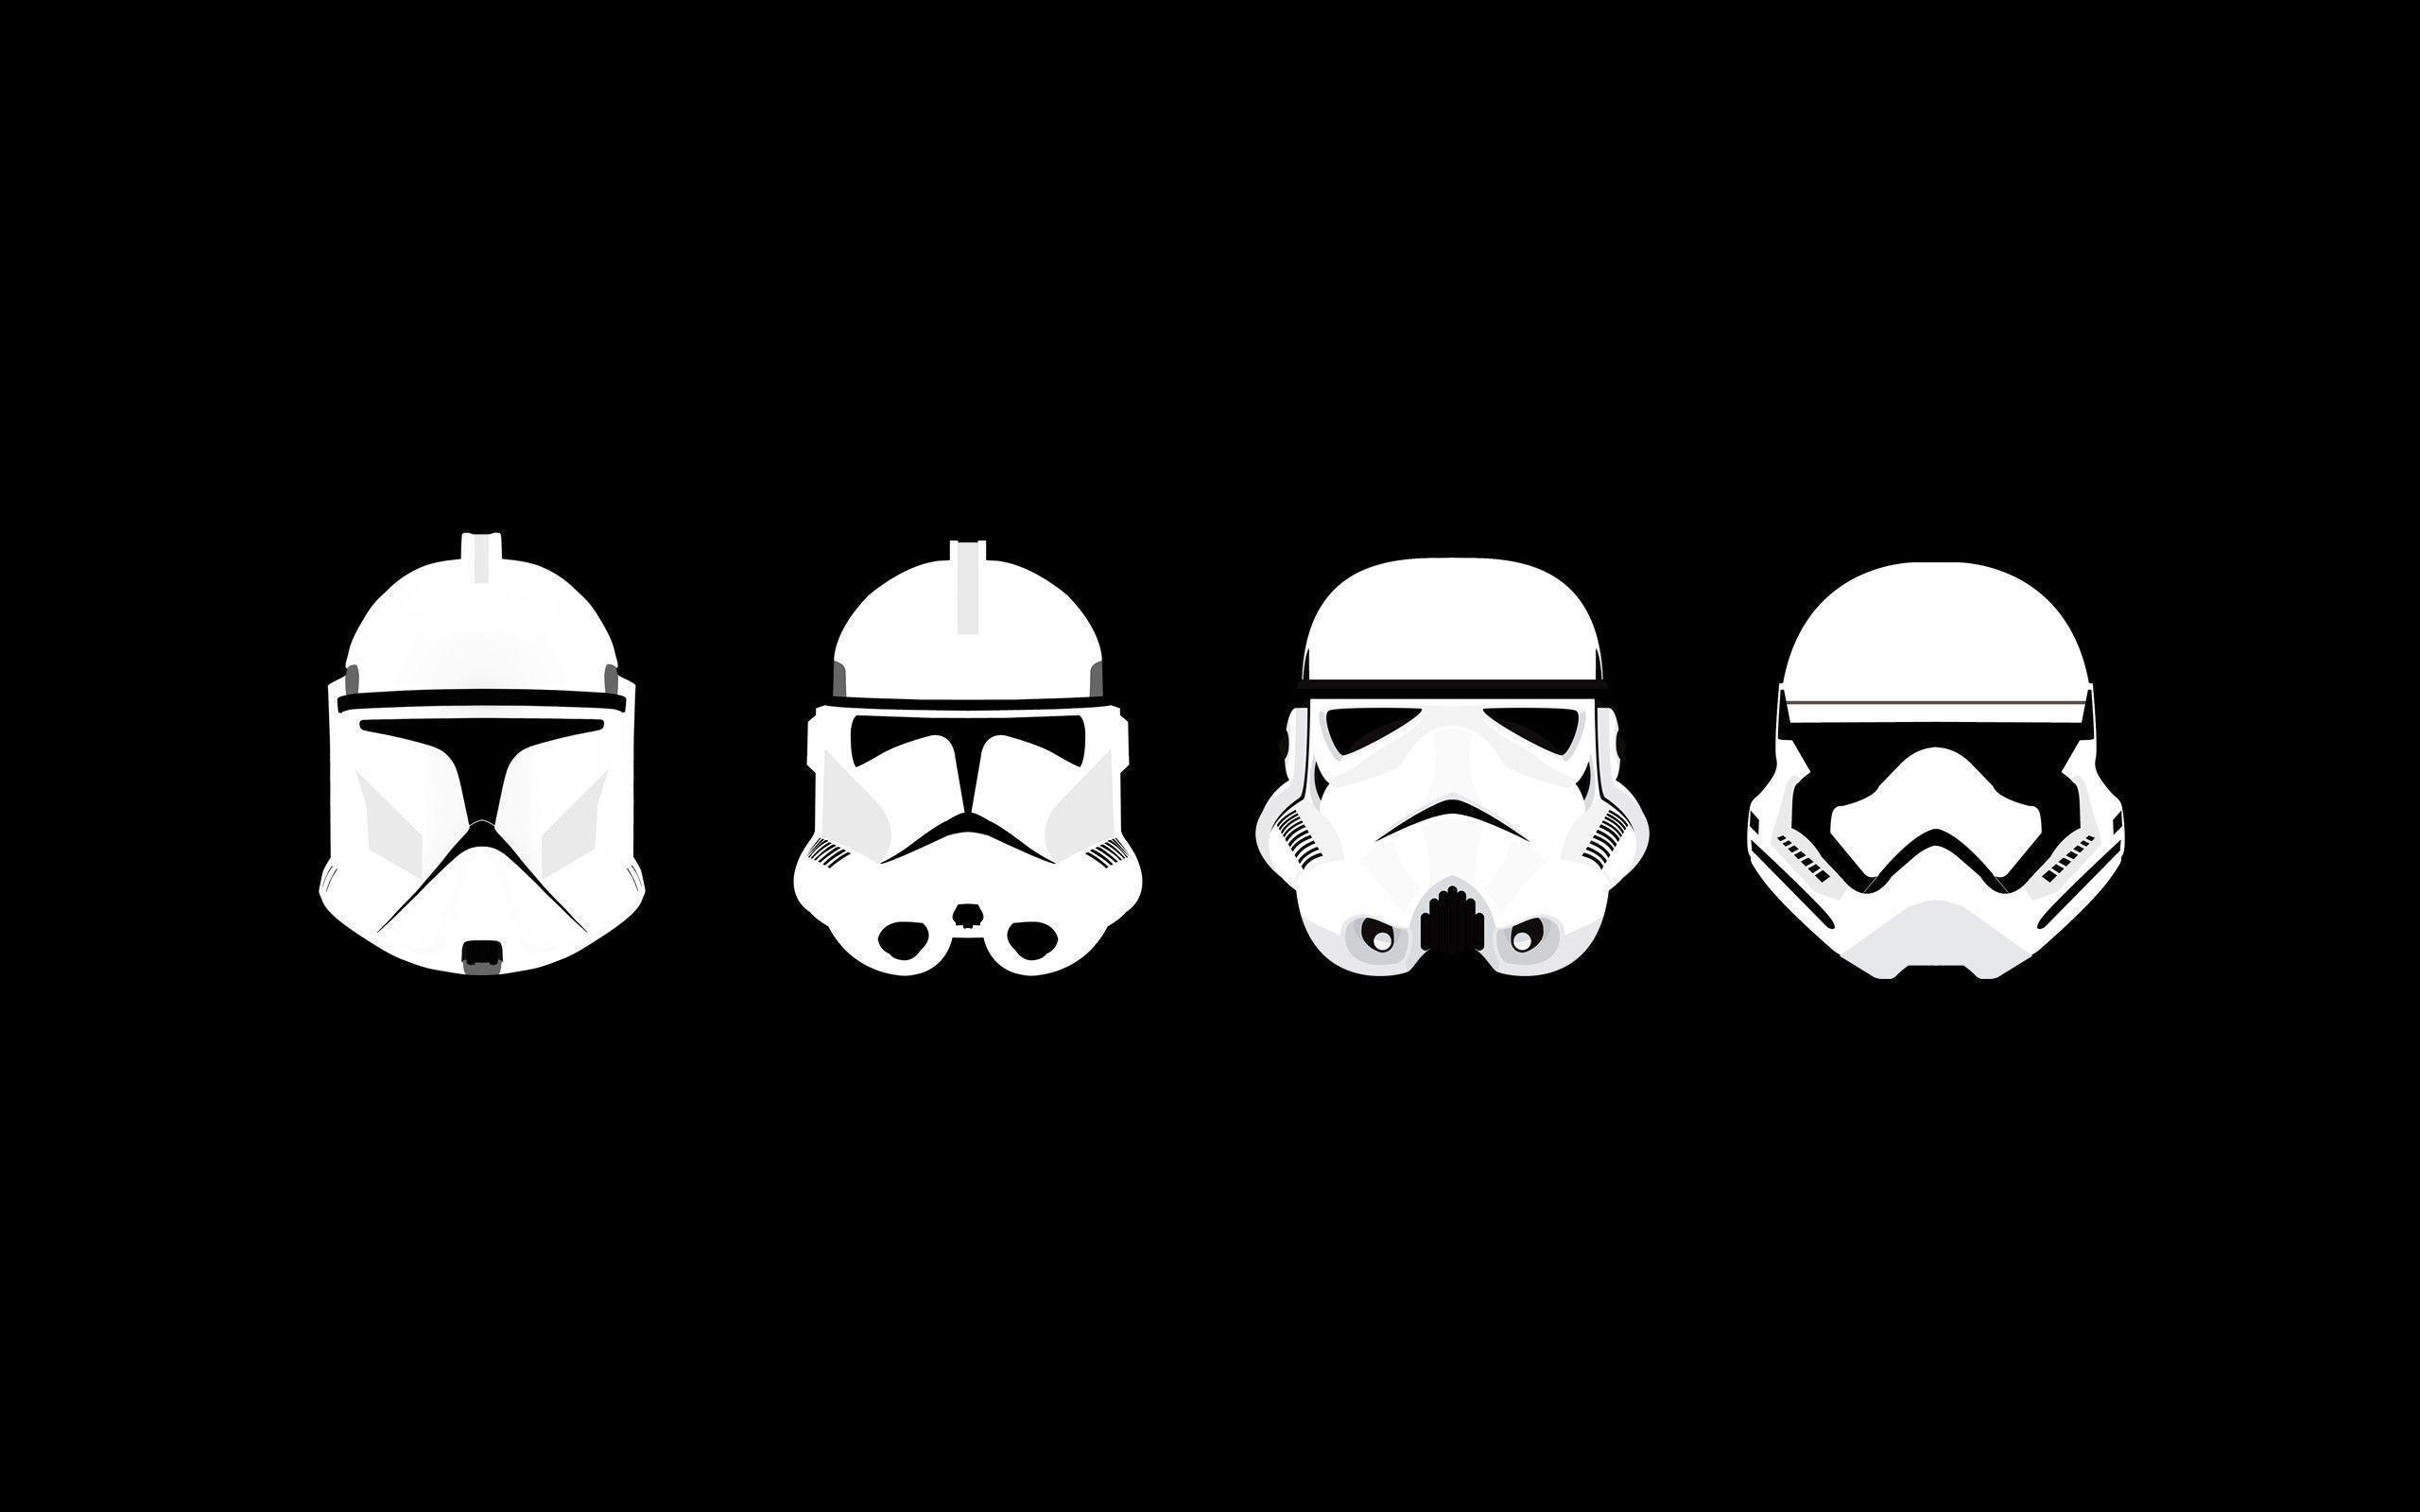 Star Wars Minimalist Desktop Wallpapers Top Free Star Wars Minimalist Desktop Backgrounds Wallpaperaccess